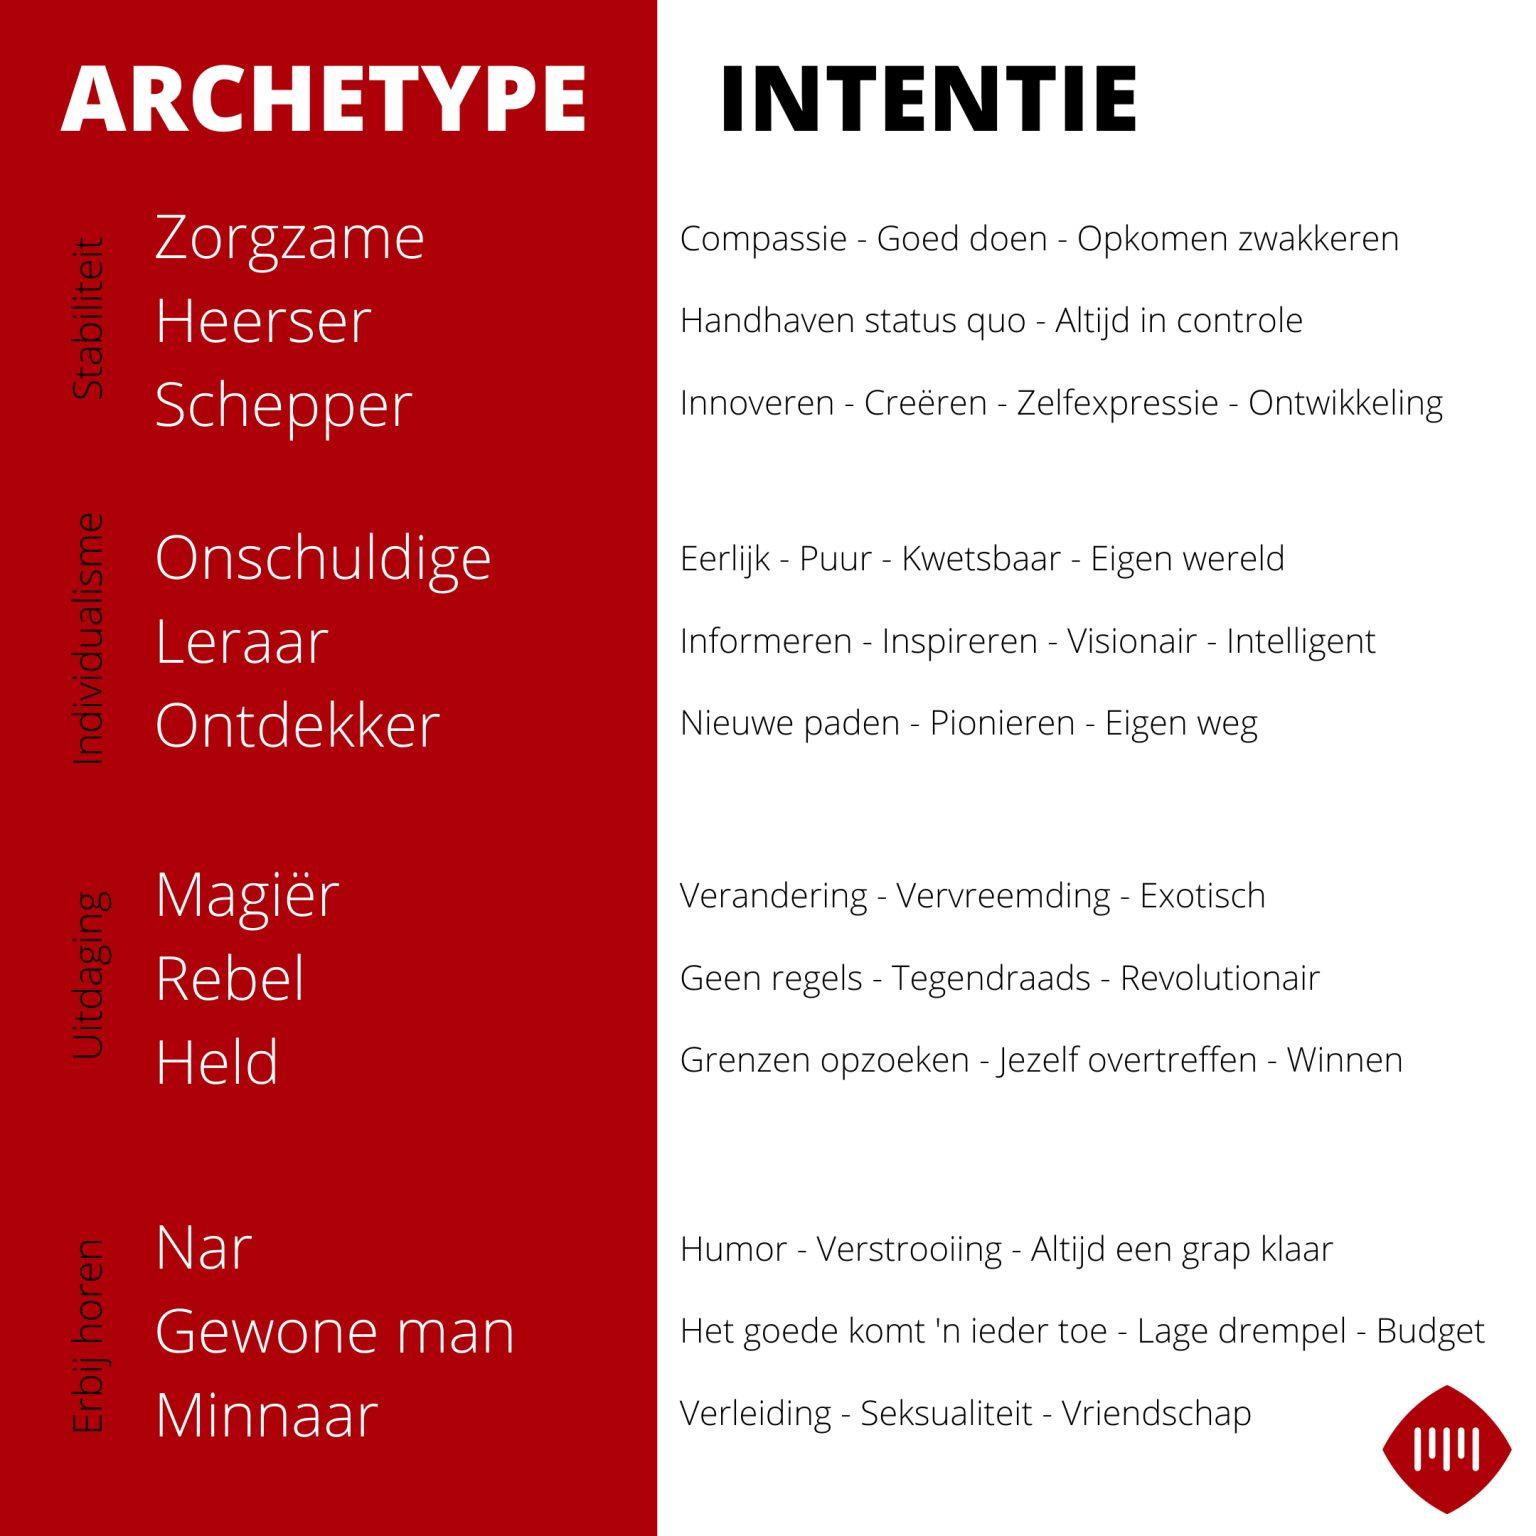 Archetypes-voor-merken-en-bijbehorende-intenties-Marketingbureau-Motionmill-Antwerpen-1536x1536